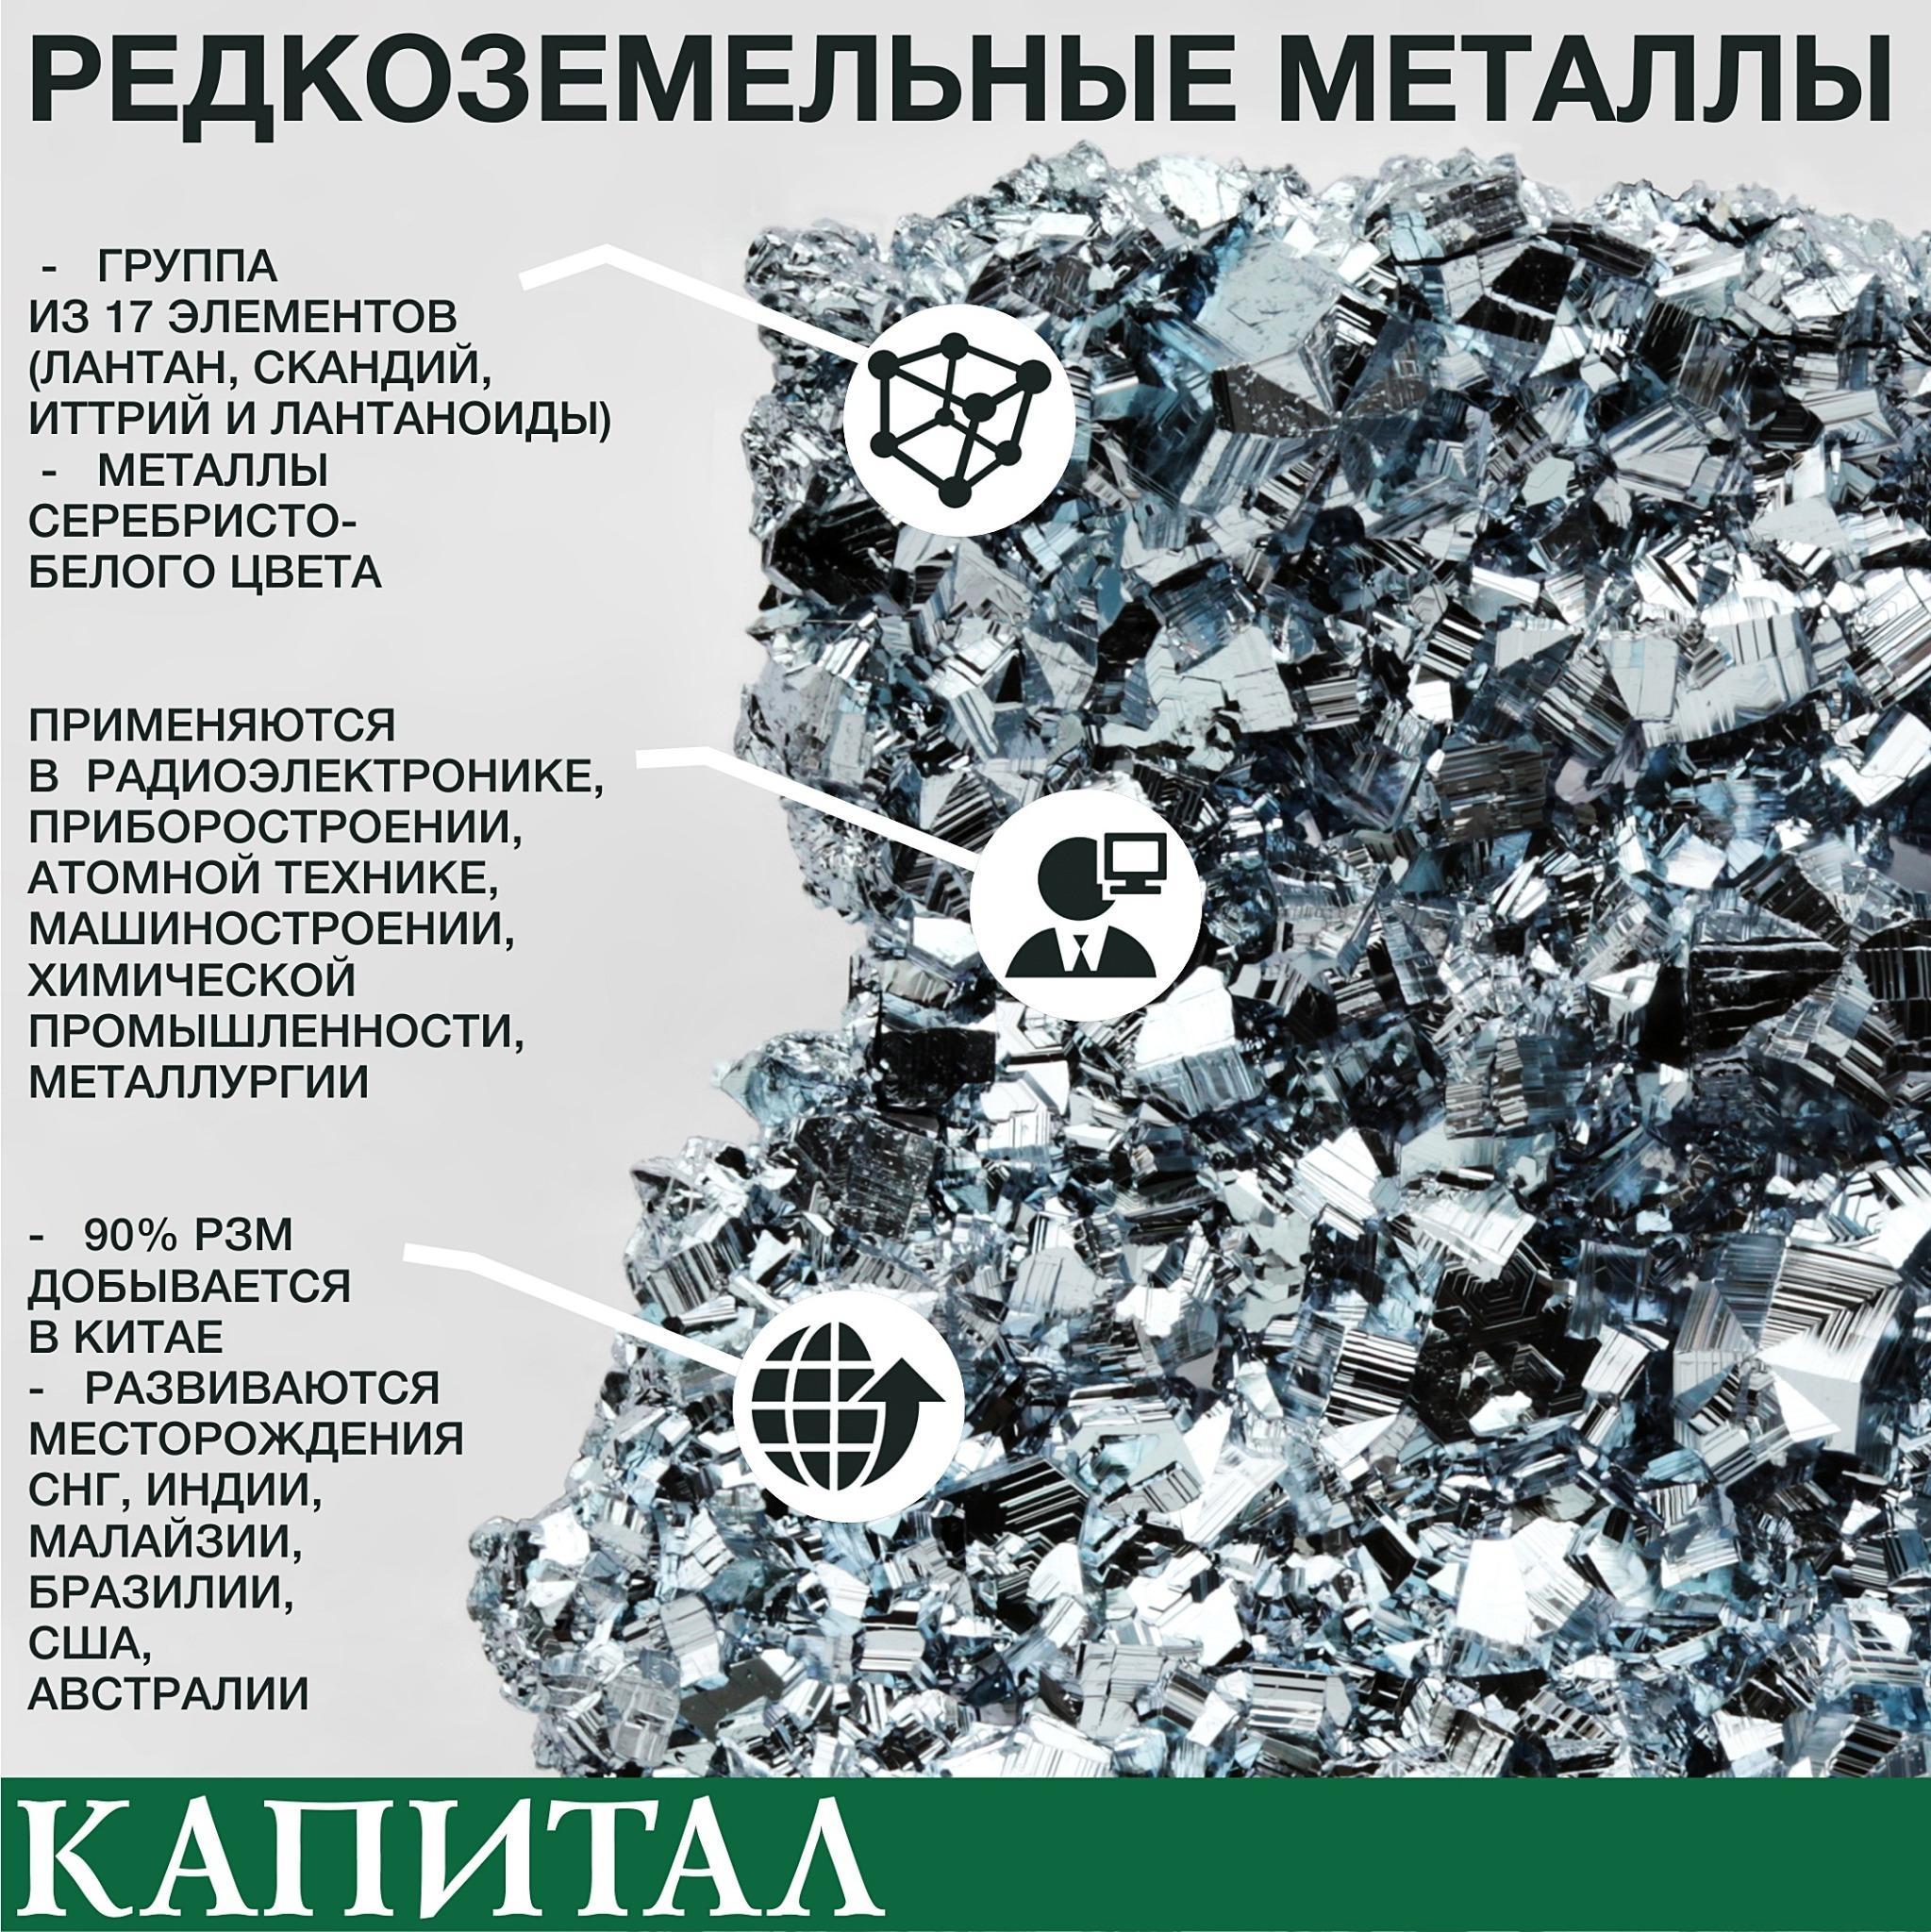 Элементы высоких технологий: как мировые державы борются за рынок редкоземельных металлов